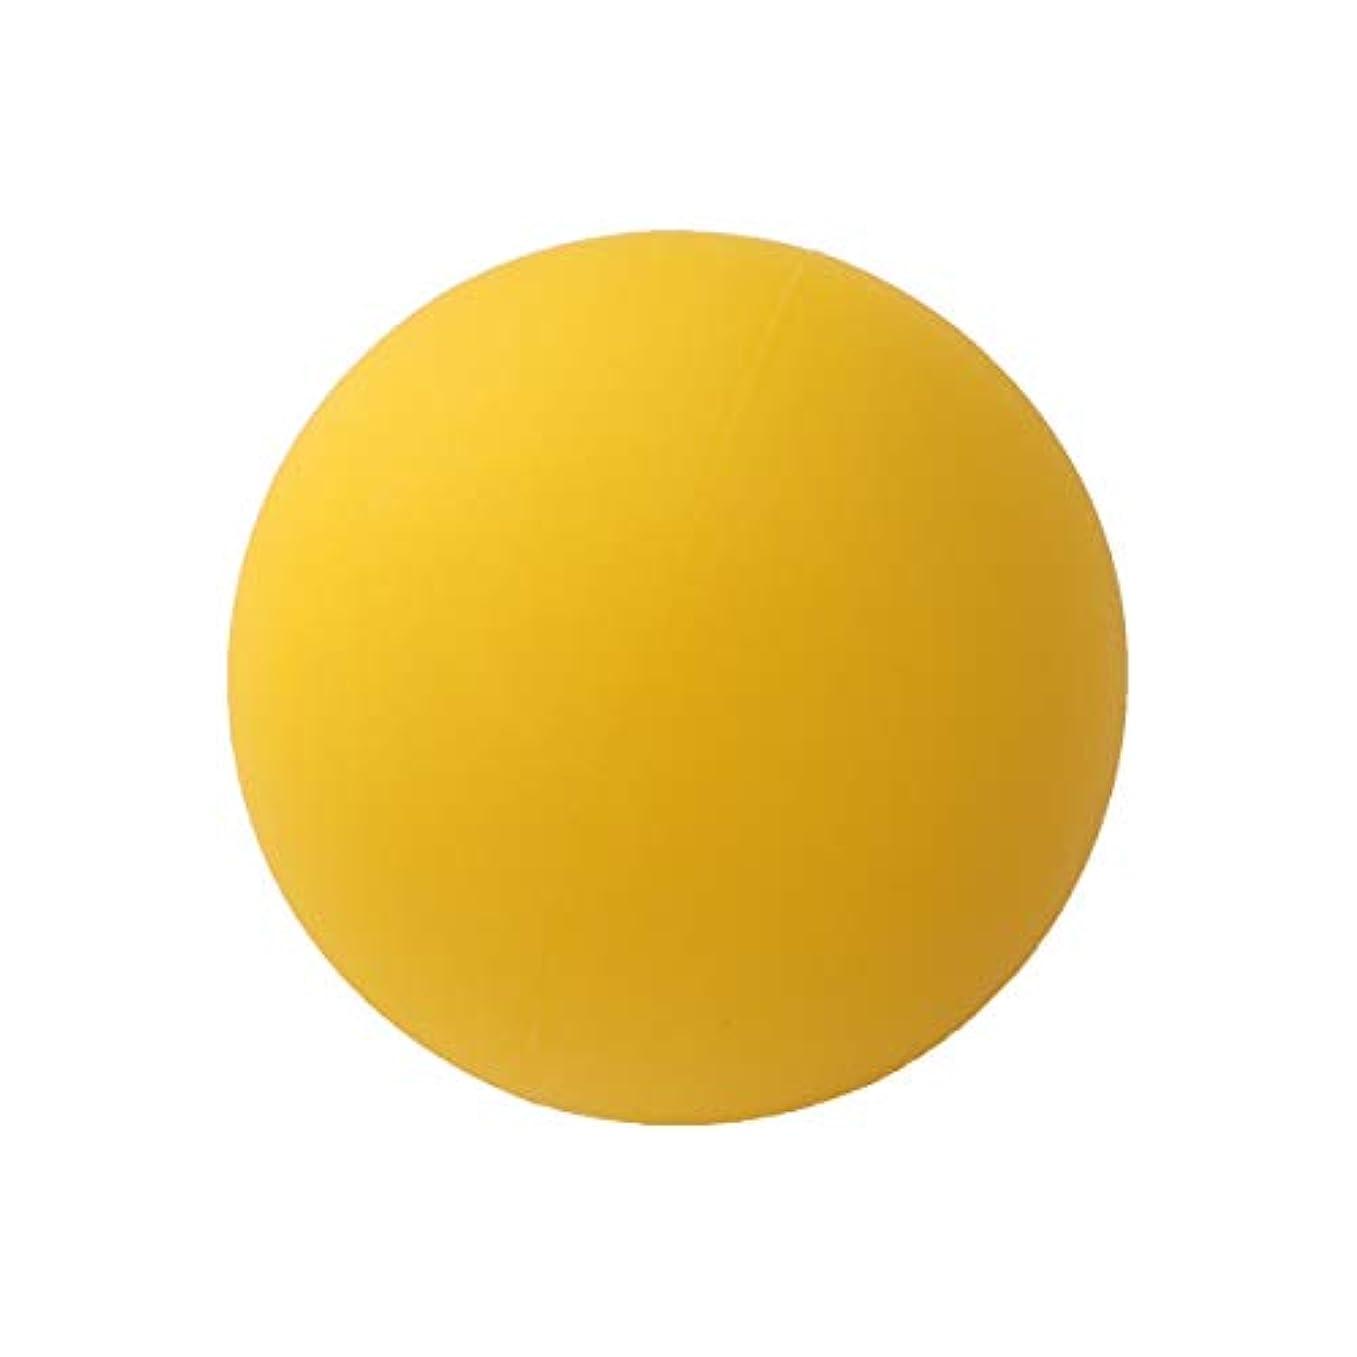 五管理する高さVORCOOL マッサージボール ヨガ ストレッチボール トリガーポイント 筋膜リリース トレーニング 背中 肩こり 腰 ふくらはぎ 足裏 ツボ押しグッズ 物理 マッサージ 療法ボール